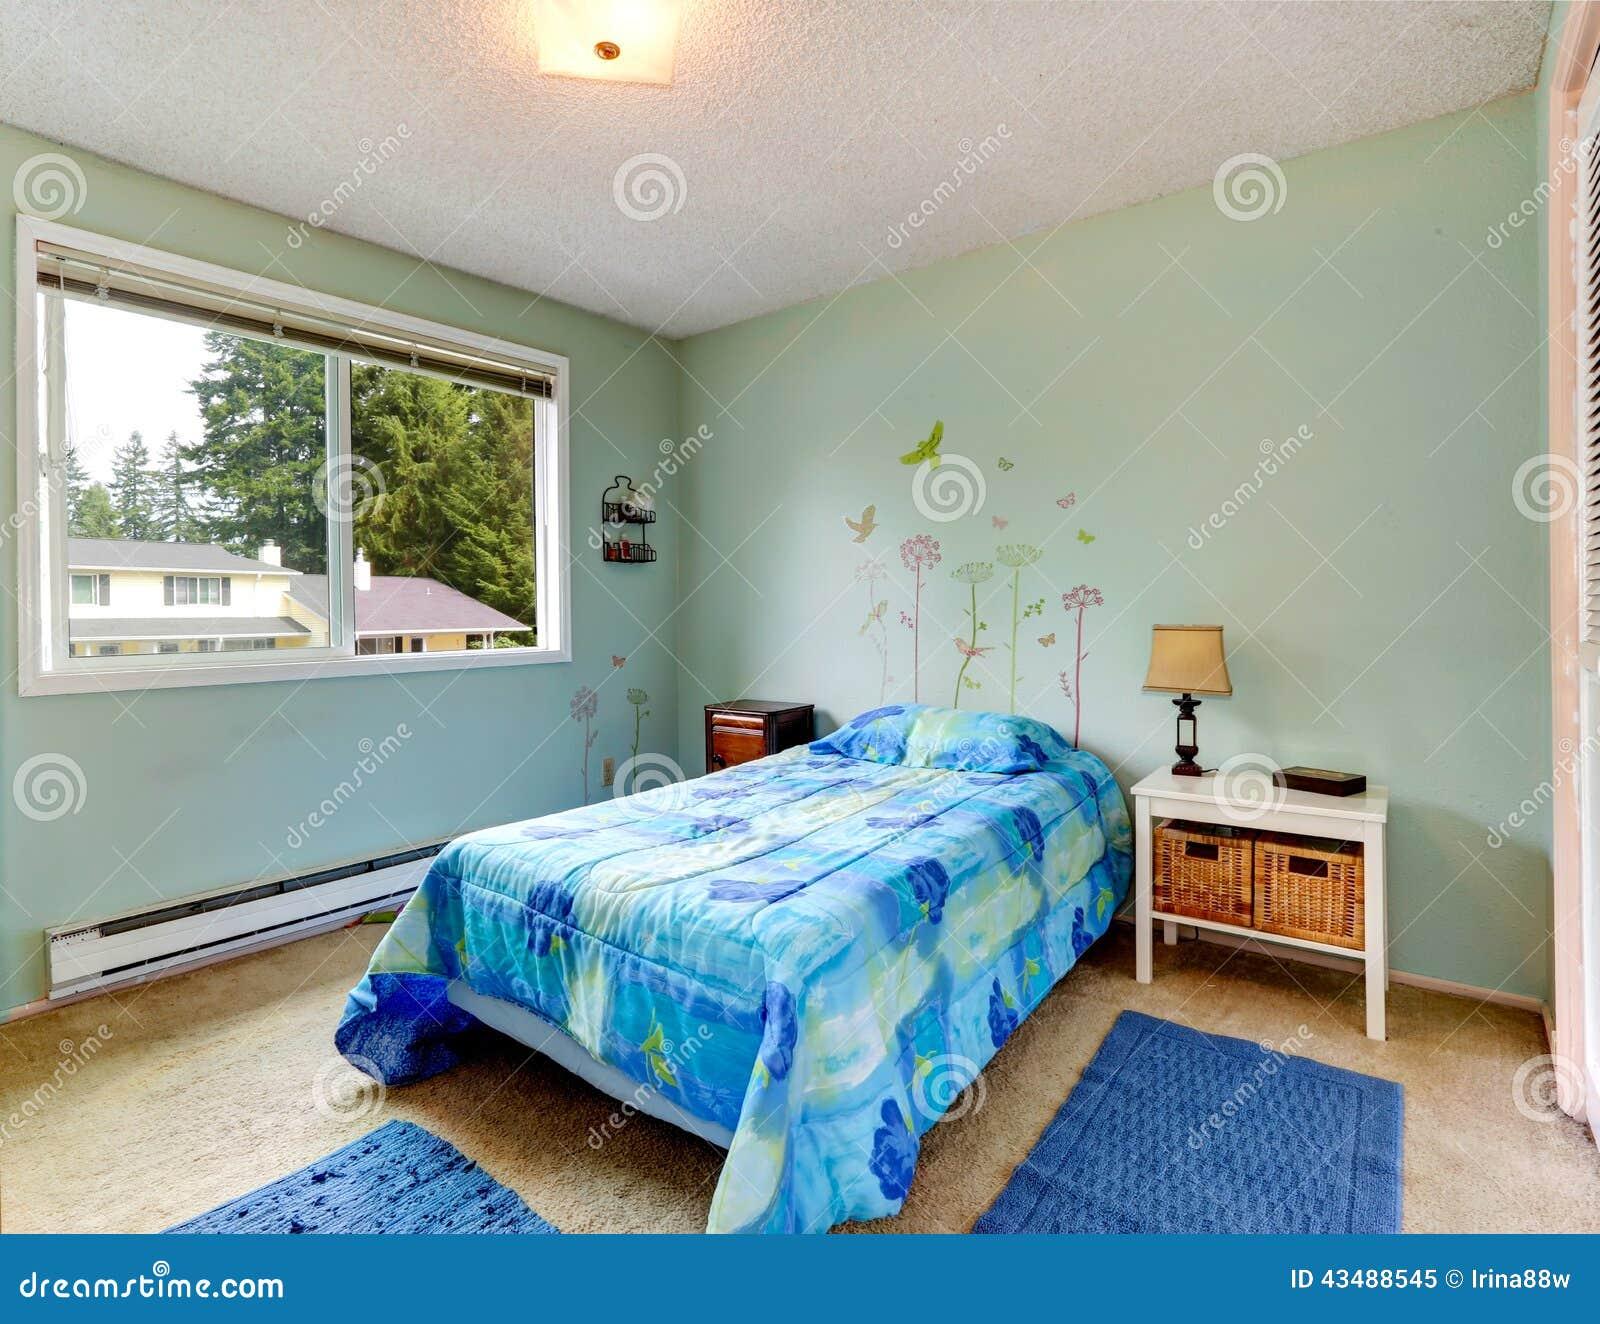 Camera da letto di toni dell 39 acqua piccola con letto for Camere da letto piccole